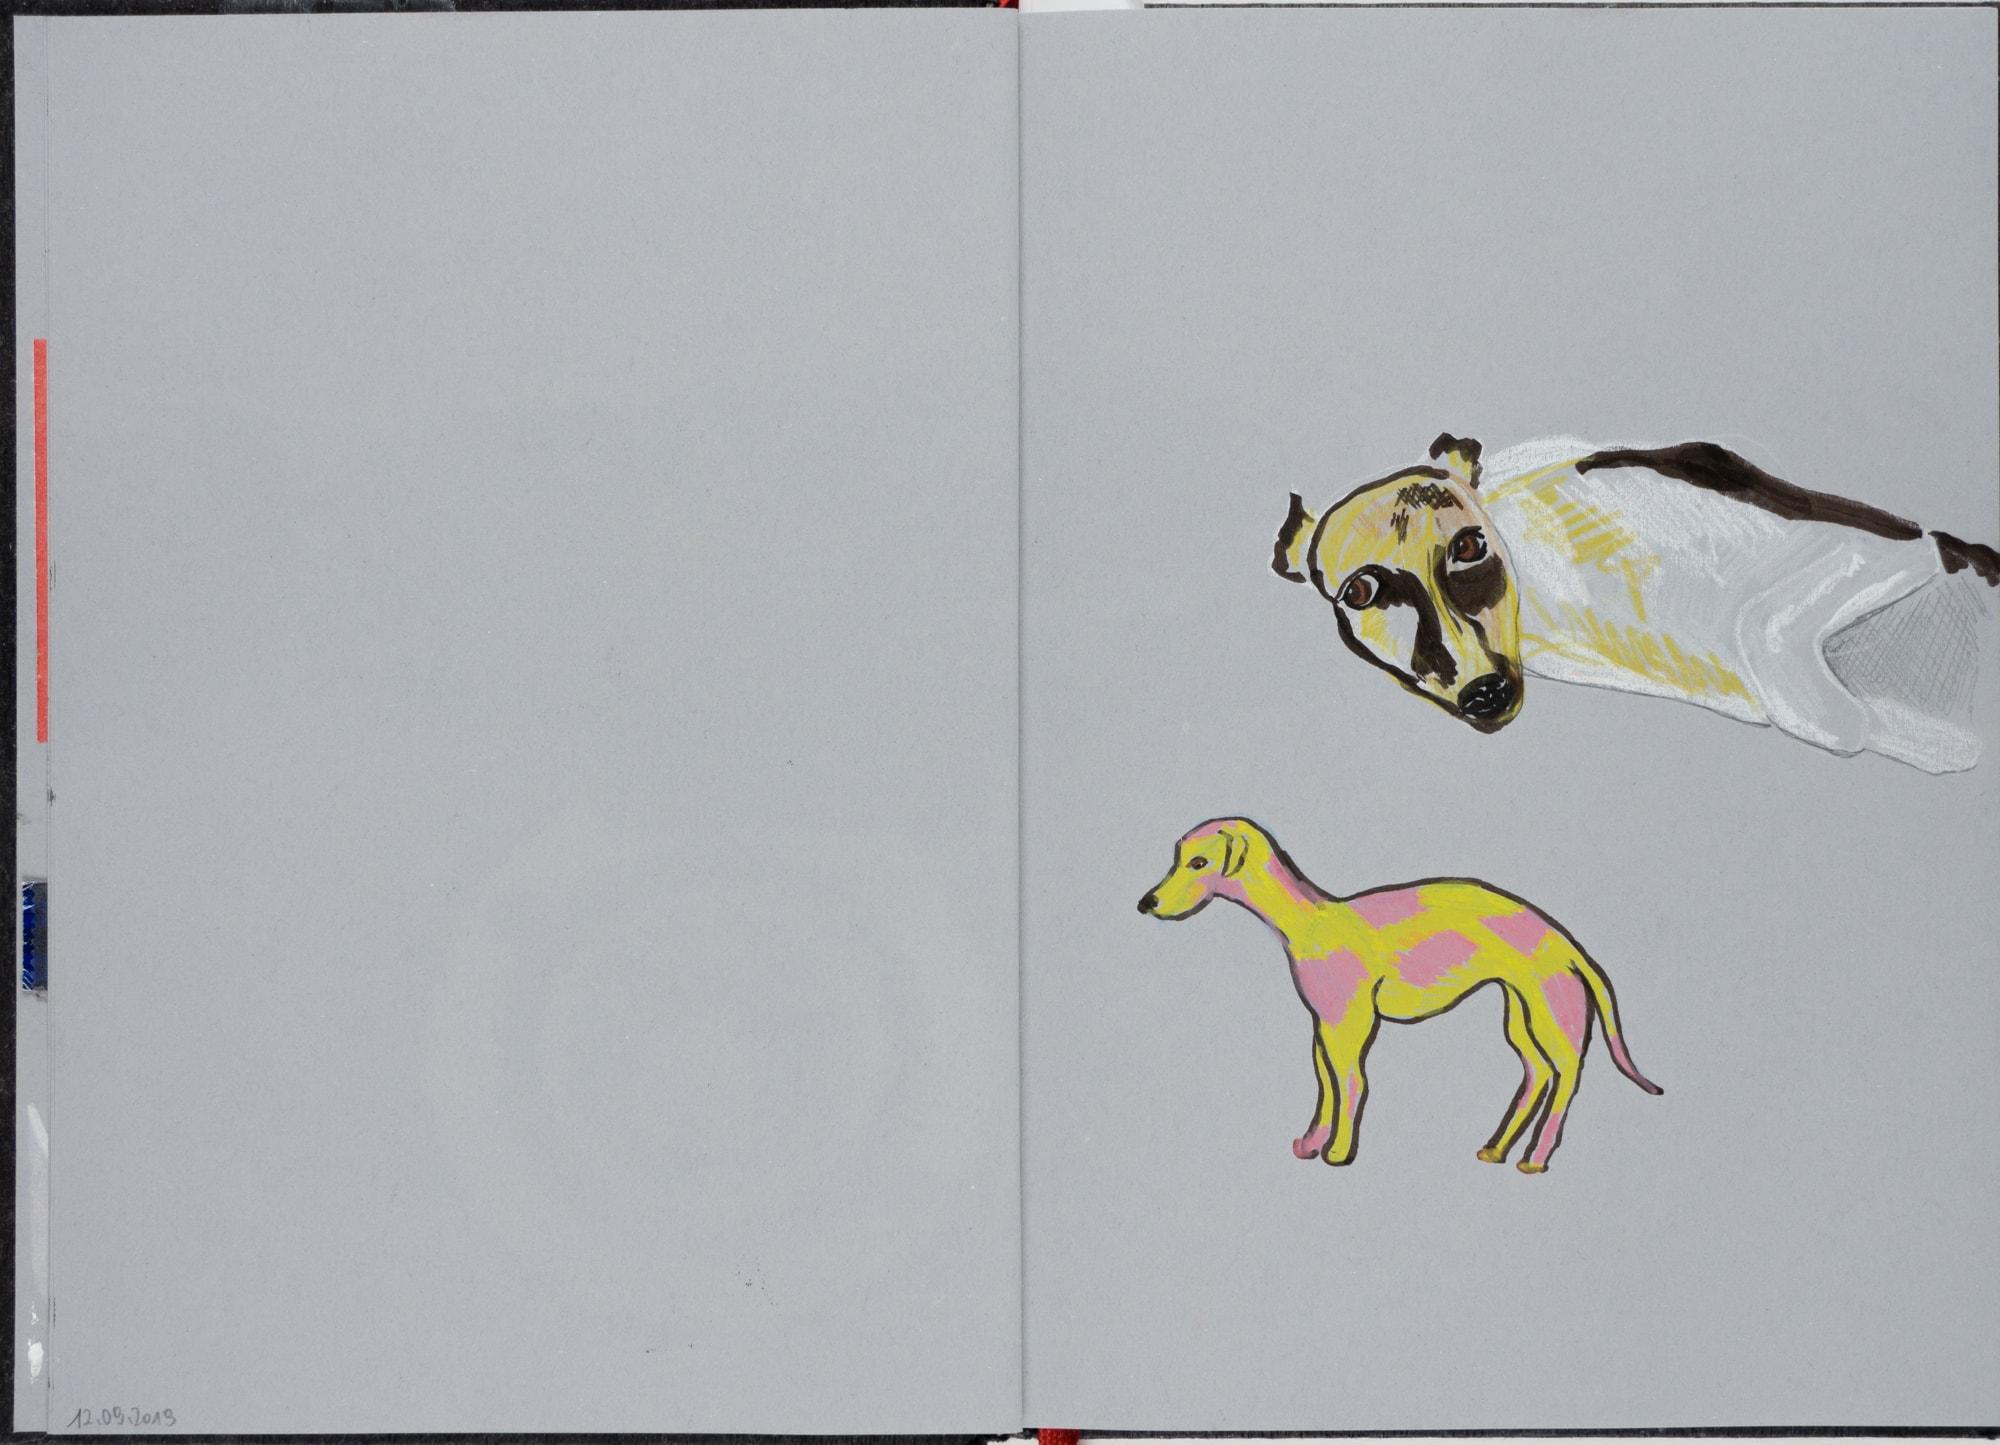 Zeichnung, Farbstift und Tusche auf Papier, 14,7x21cm, Hunde, Künstlerin: Franziska King